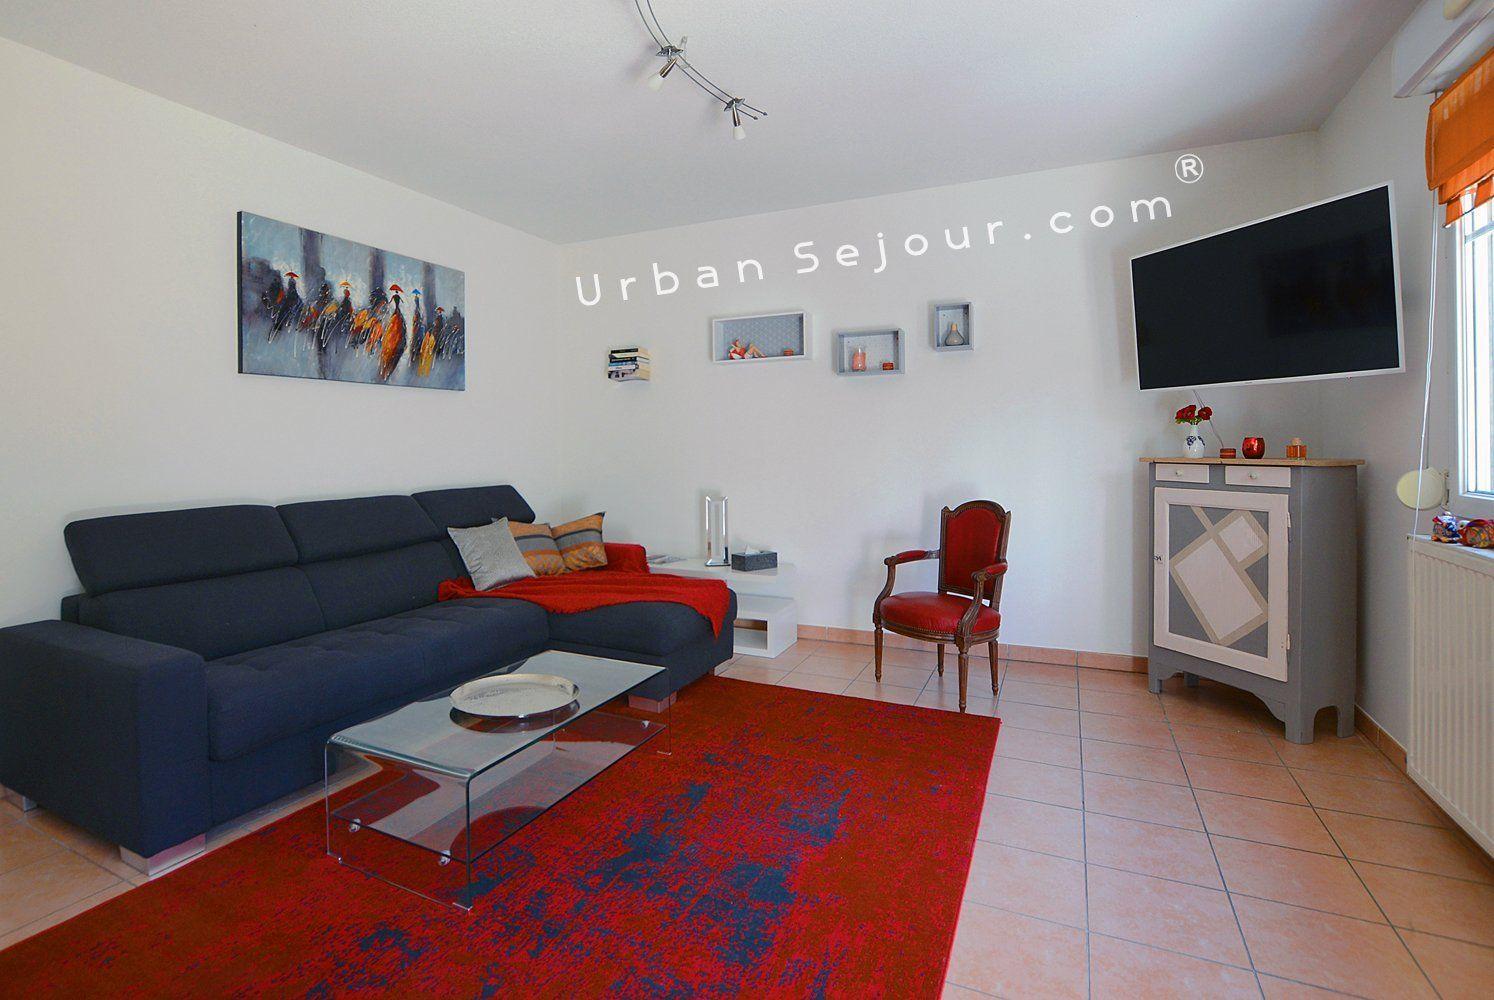 Location appartement meubl avec 2 chambres jardin et double parking location saisonni re - Location studio meuble lyon 3 ...